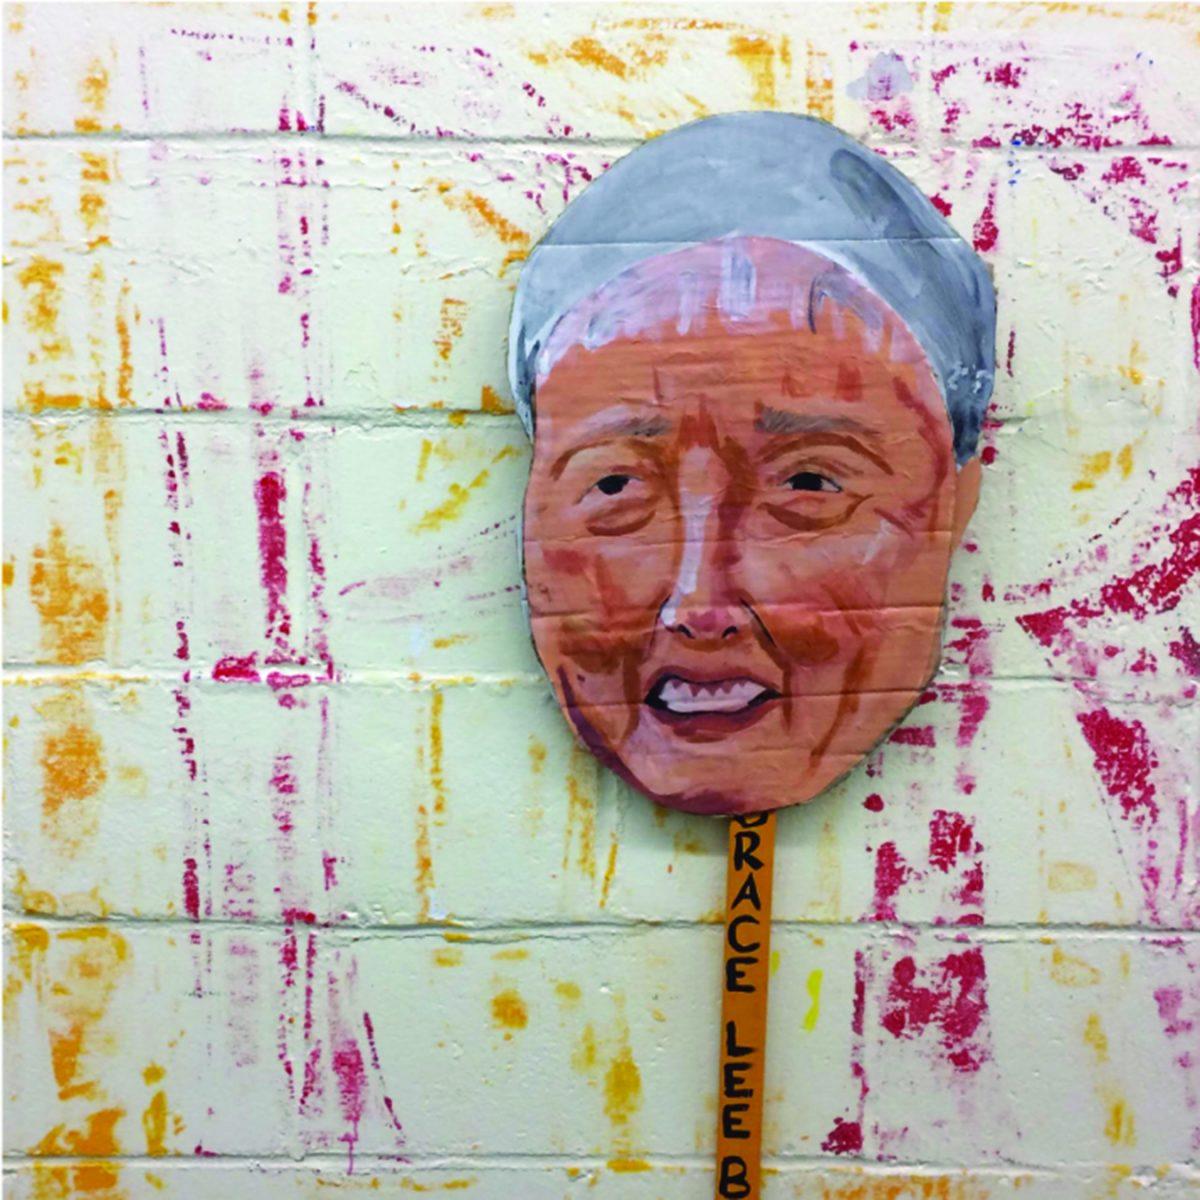 Cardboard rendering of Grace Lee Boggs